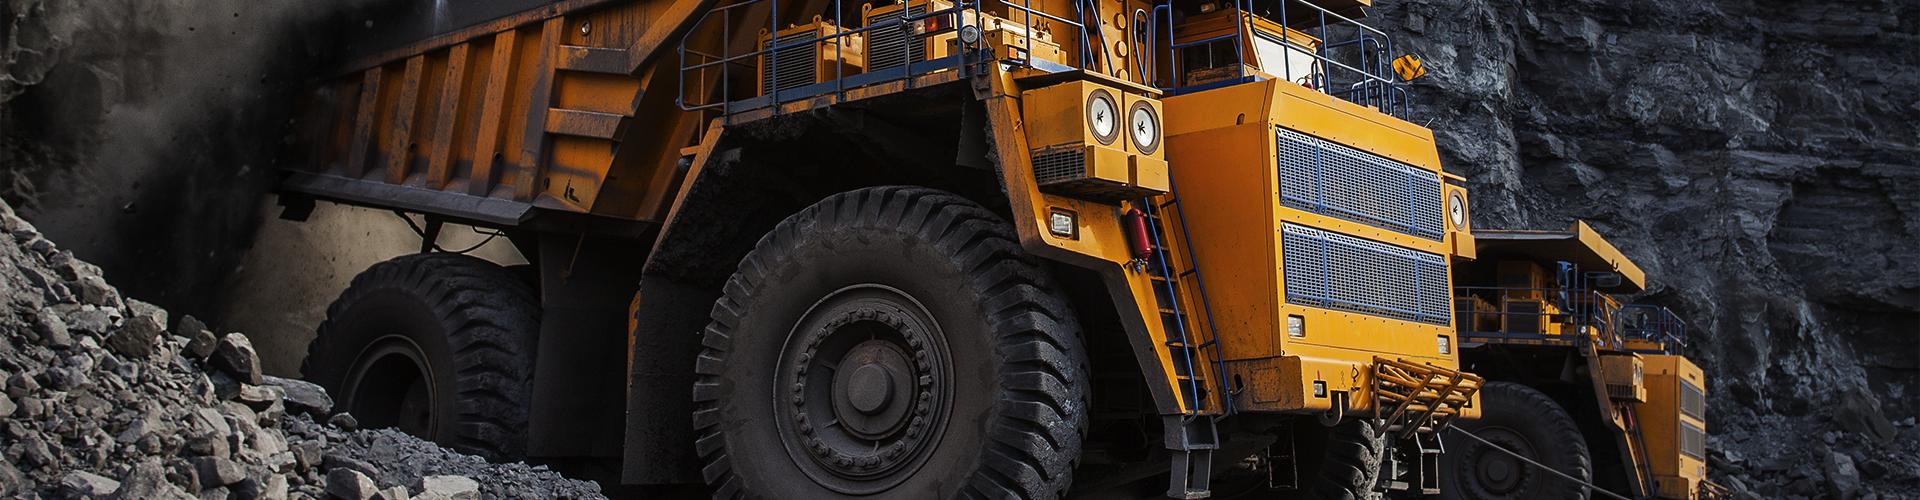 Indústria de Mineração: Como Realizar a Medição de Nível Precisa de Sólidos, Líquidos e Lamas em Processos Altamente Instáveis?